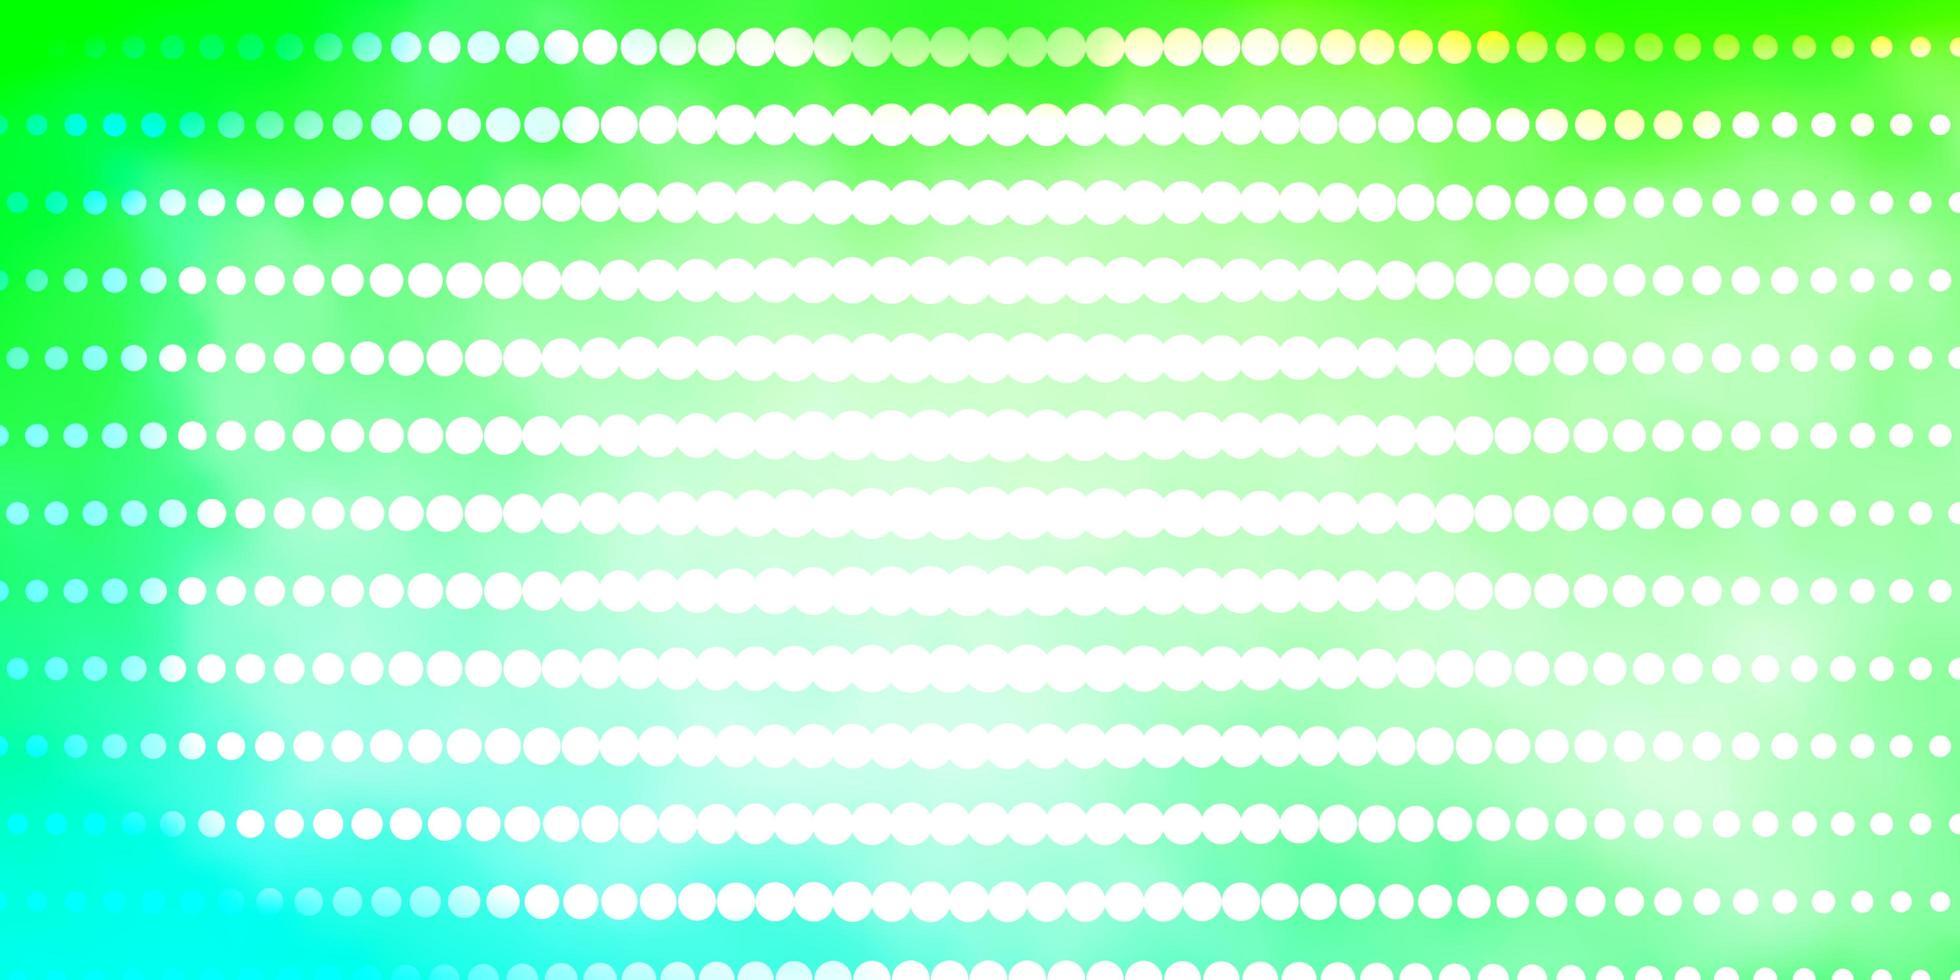 layout de vetor verde claro com círculos.